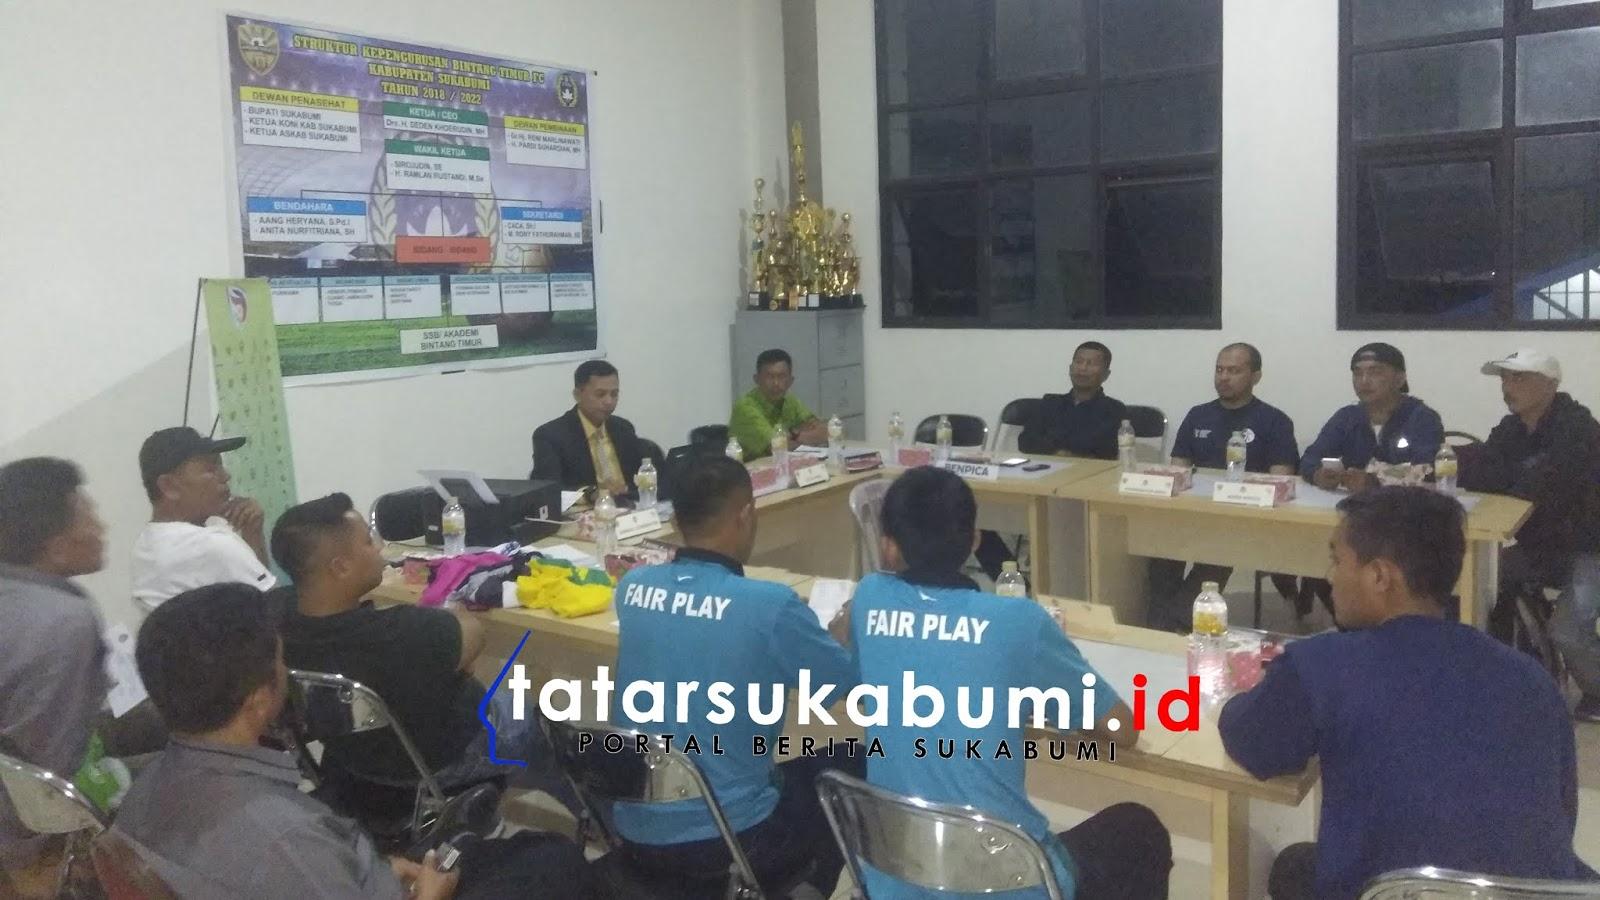 Kesebelasan Bintang Timur FC Sukabumi Optimis Tundukan Benpica Karawang di Liga 3 Jabar